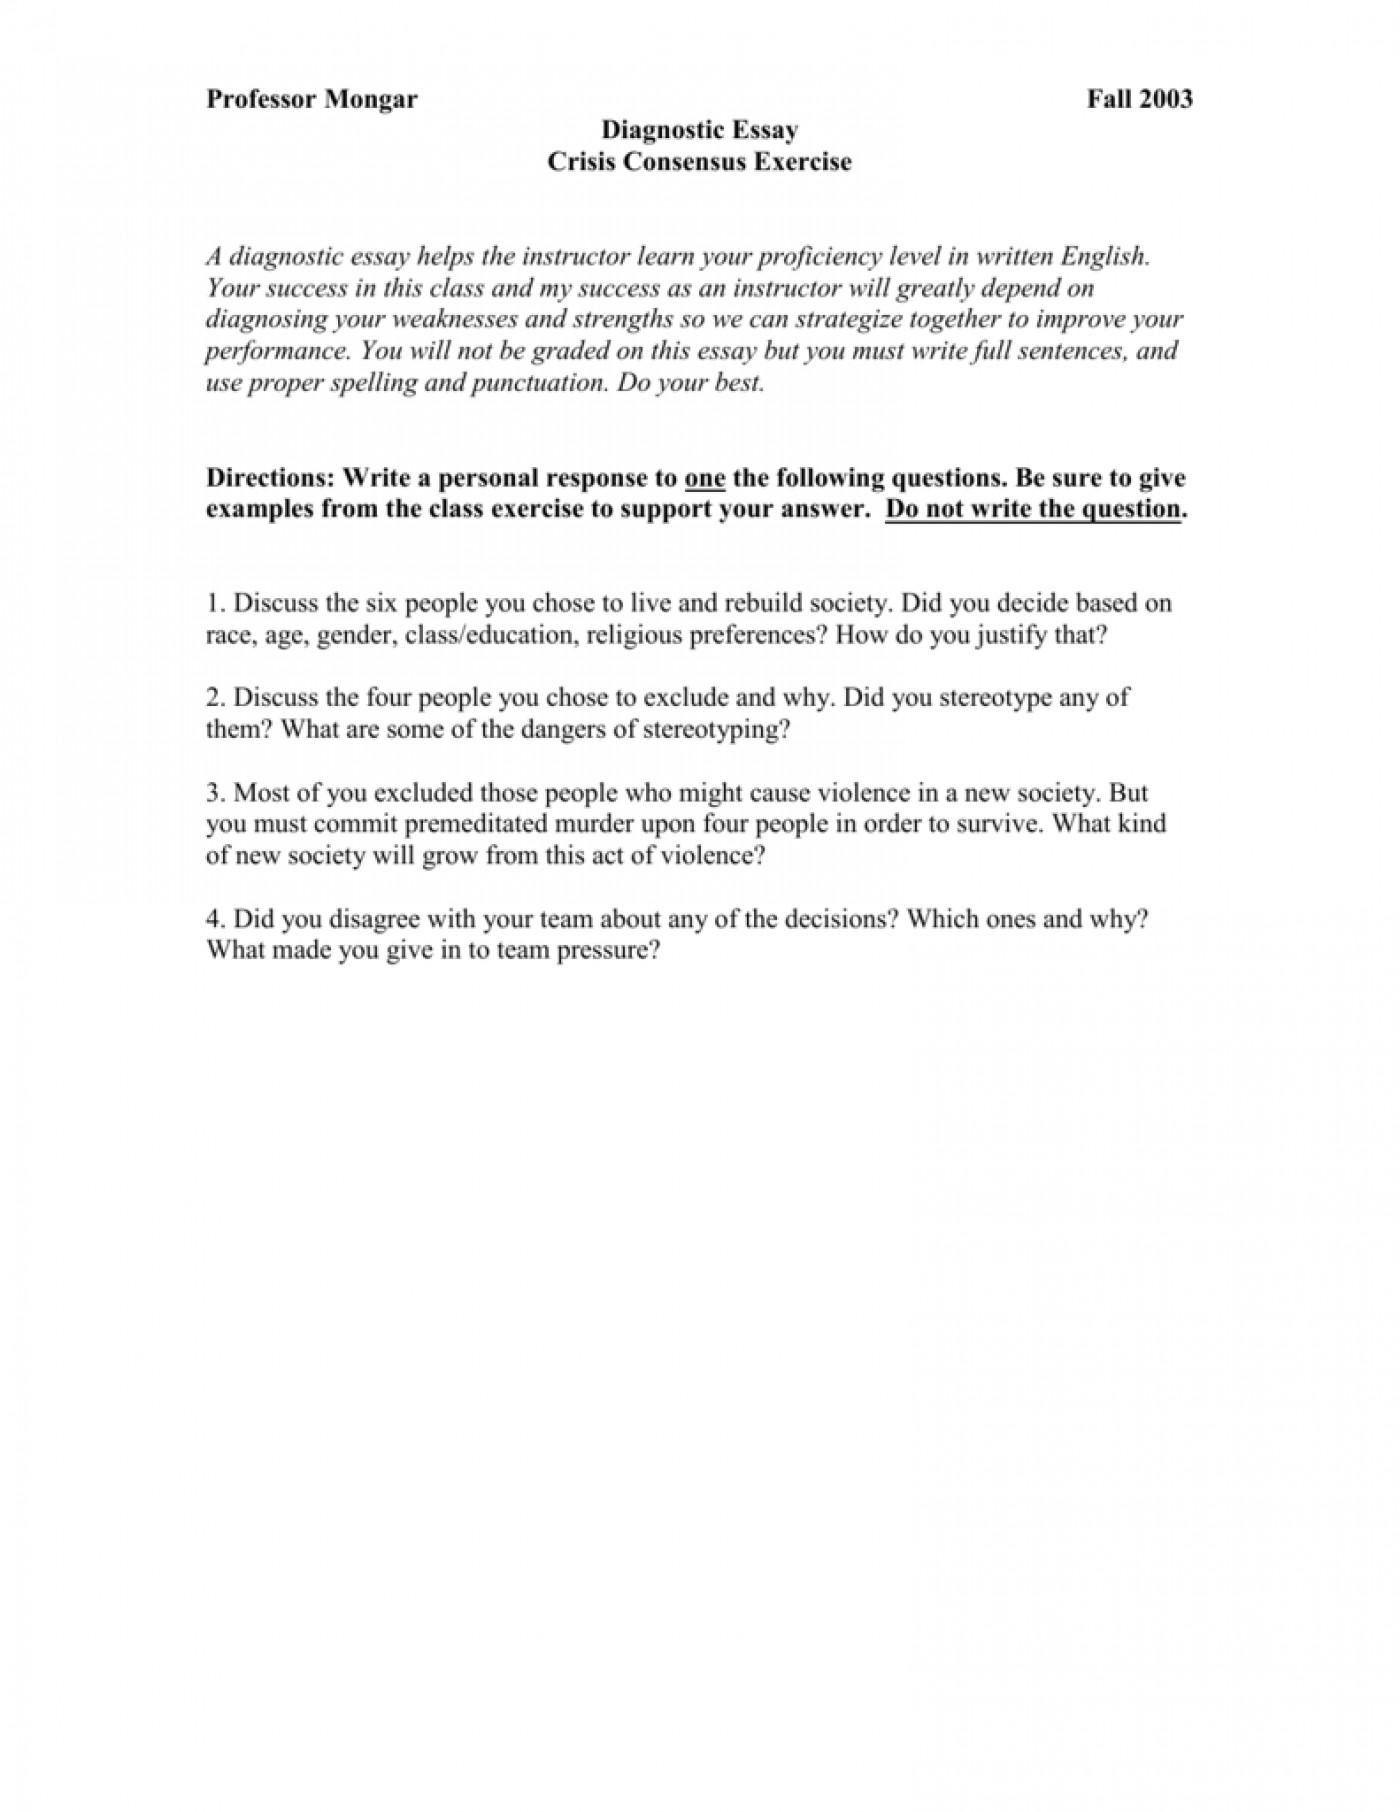 Diagnostic essay sample